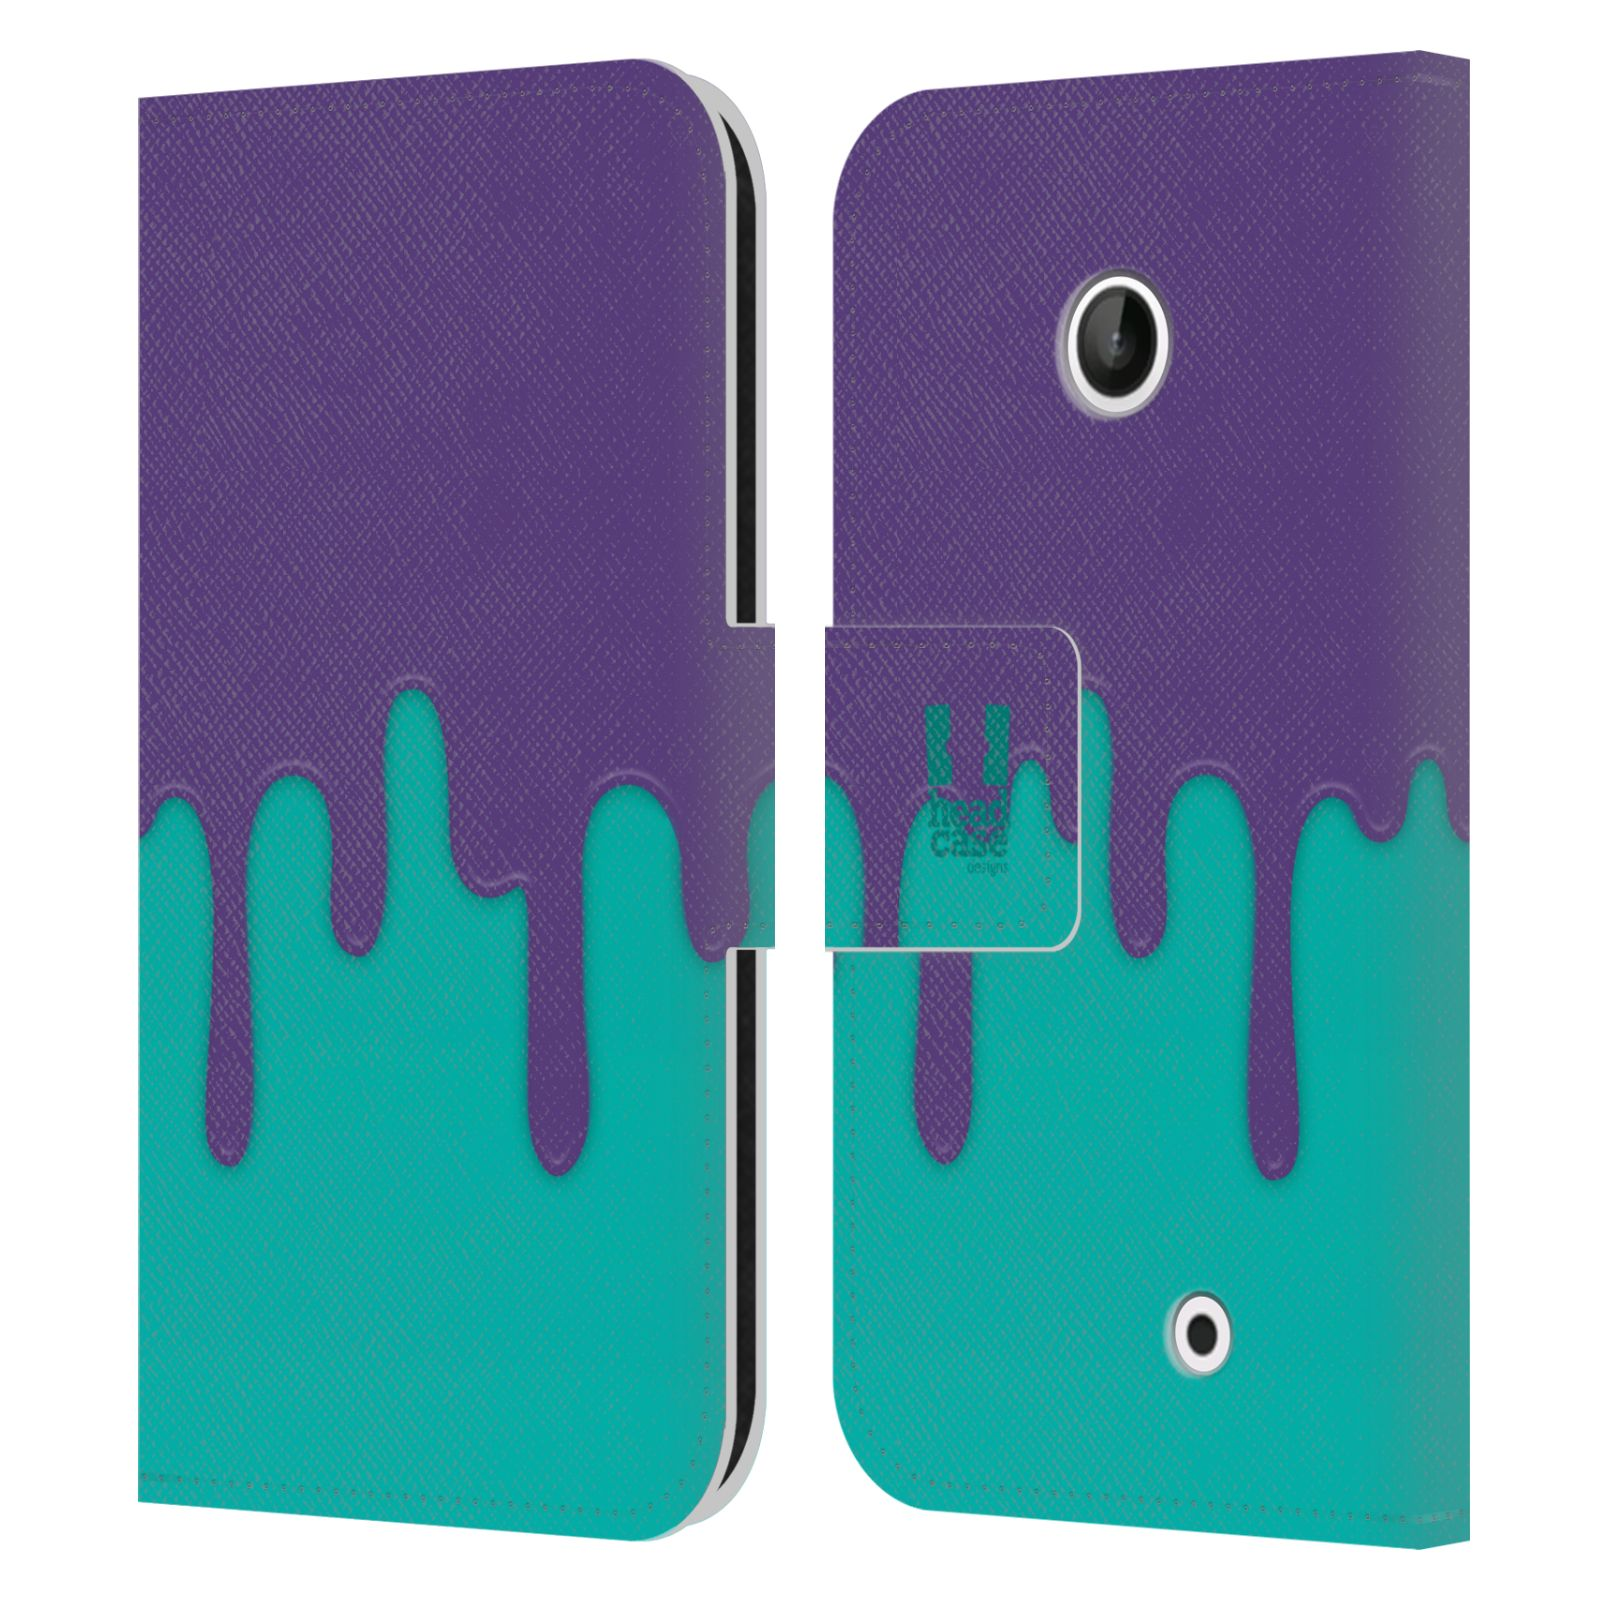 HEAD CASE Flipové pouzdro pro mobil NOKIA LUMIA 630 / LUMIA 630 DUAL Rozlitá barva fialová a tyrkysová